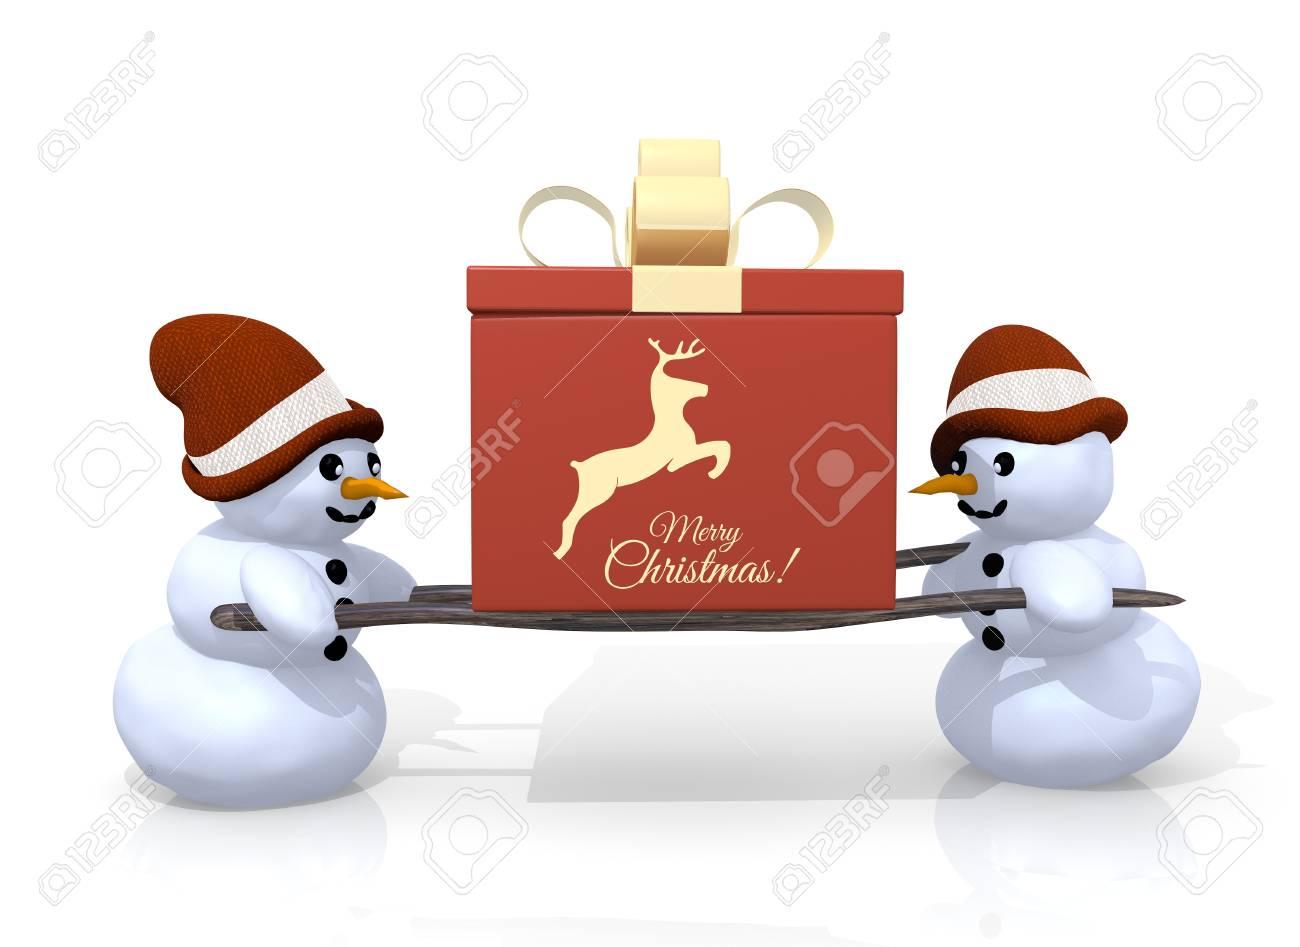 Buon Natale 3d.Immagini Stock Un 3d Regalo Reso Con Un Segno Di Buon Natale